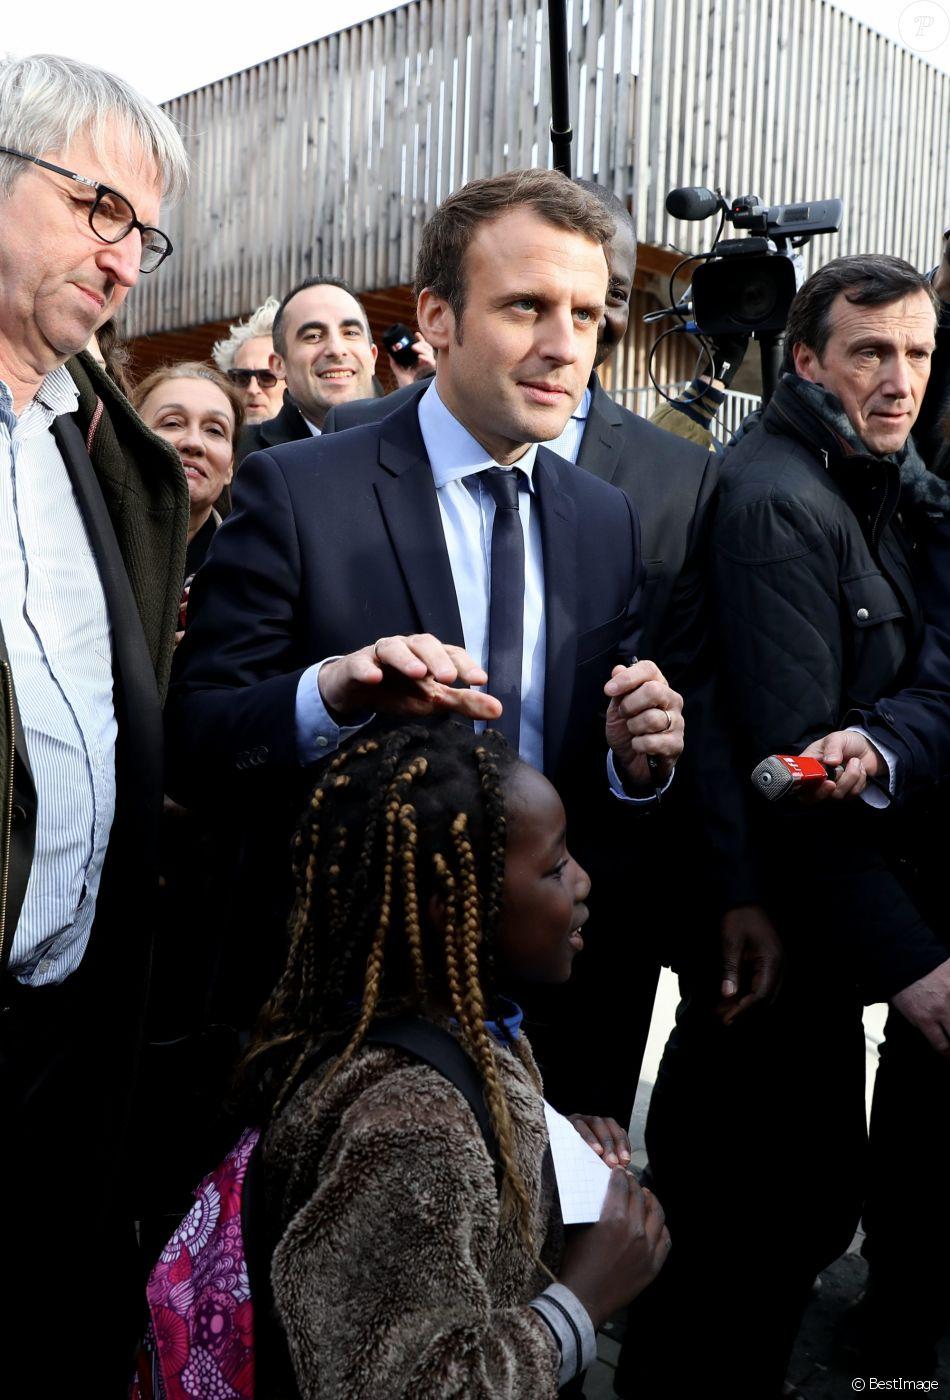 Emmanuel Macron, candidat à l'élection présidentielle pour le mouvement En Marche!, a effectué un déplacement aux Mureaux, les Yvelines, France, le 7 mars 2017. © Dominique Jacovides/Bestimage